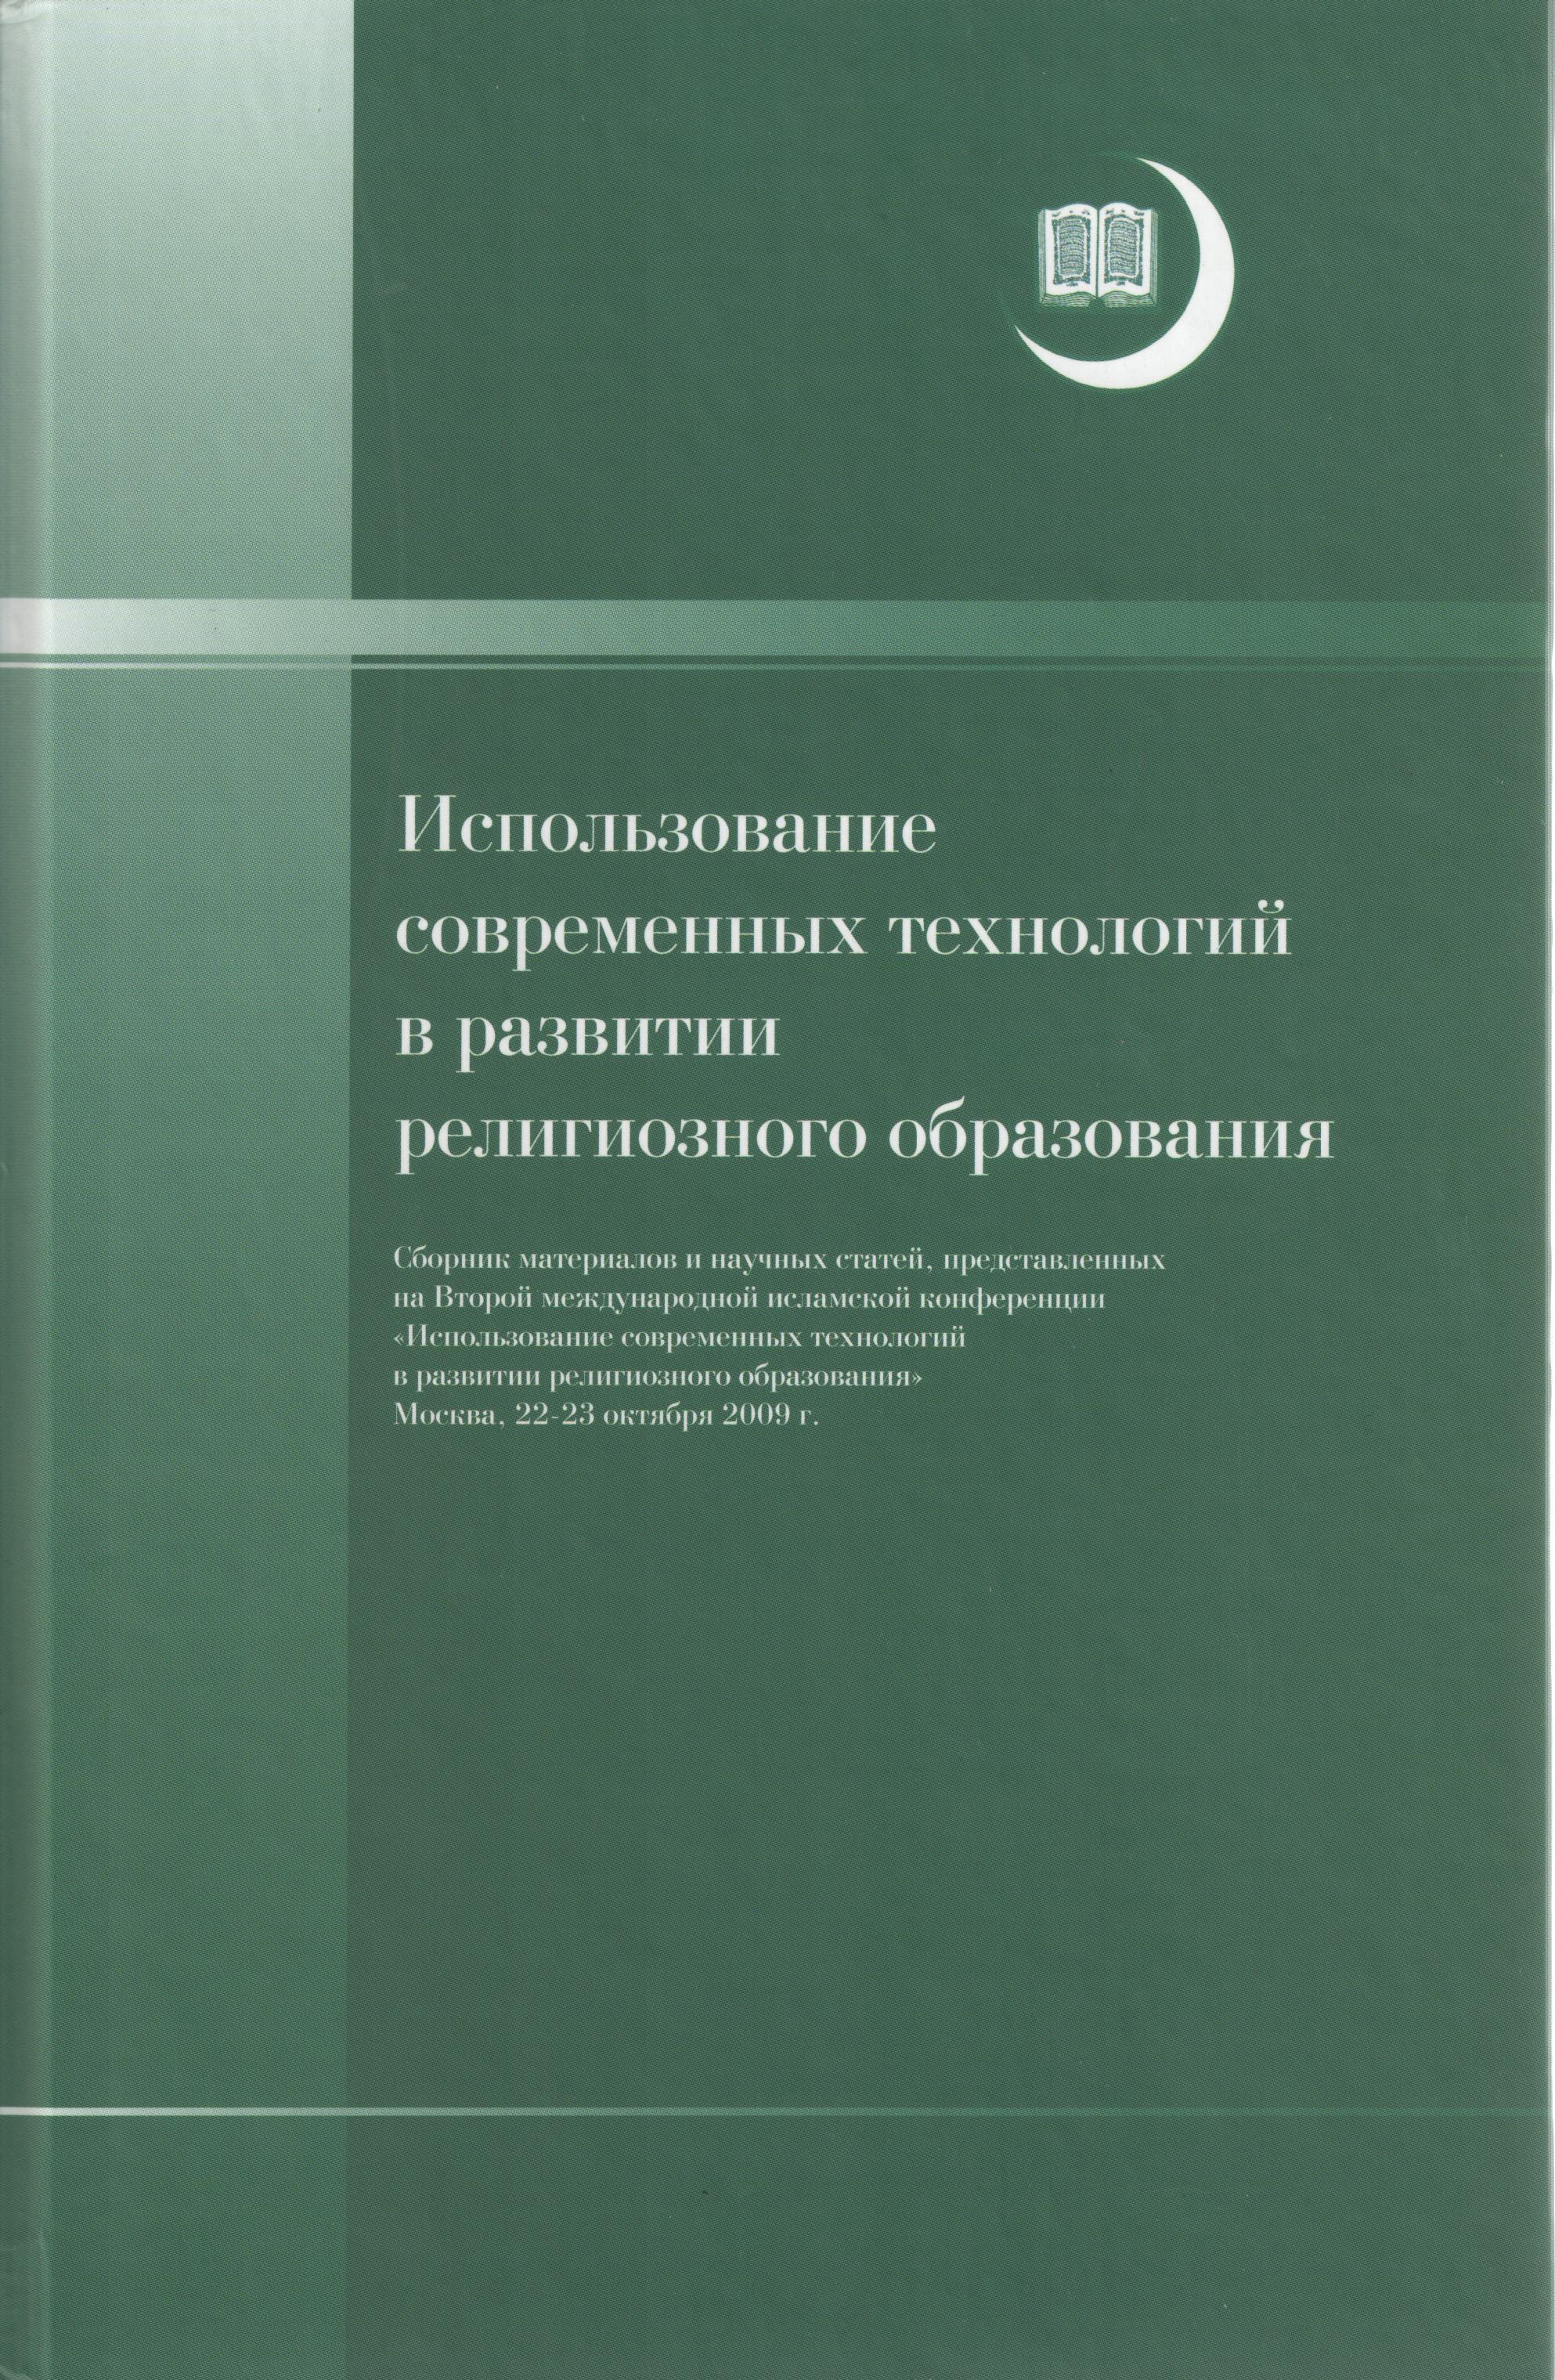 Актуальные вопросы развития исламского образования в России